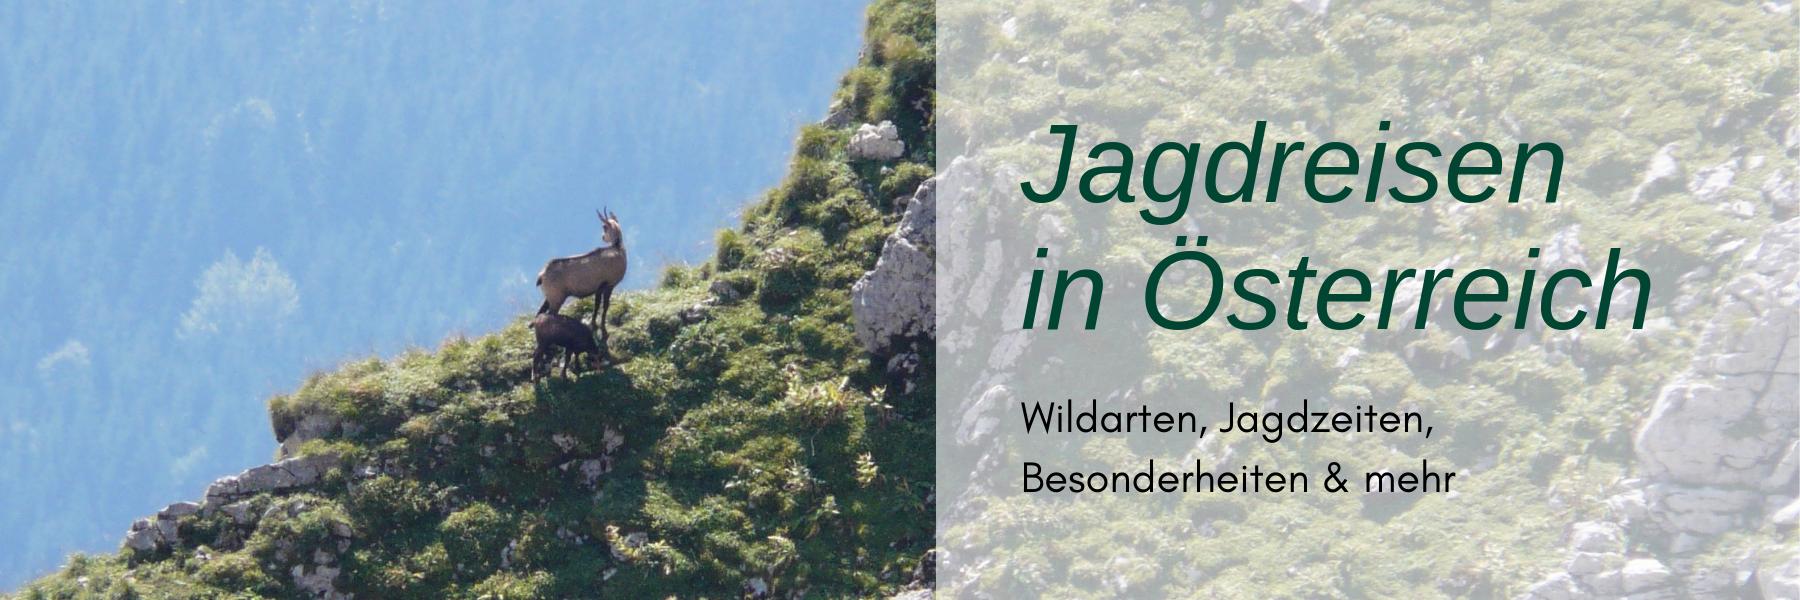 Jagdreise Österreich